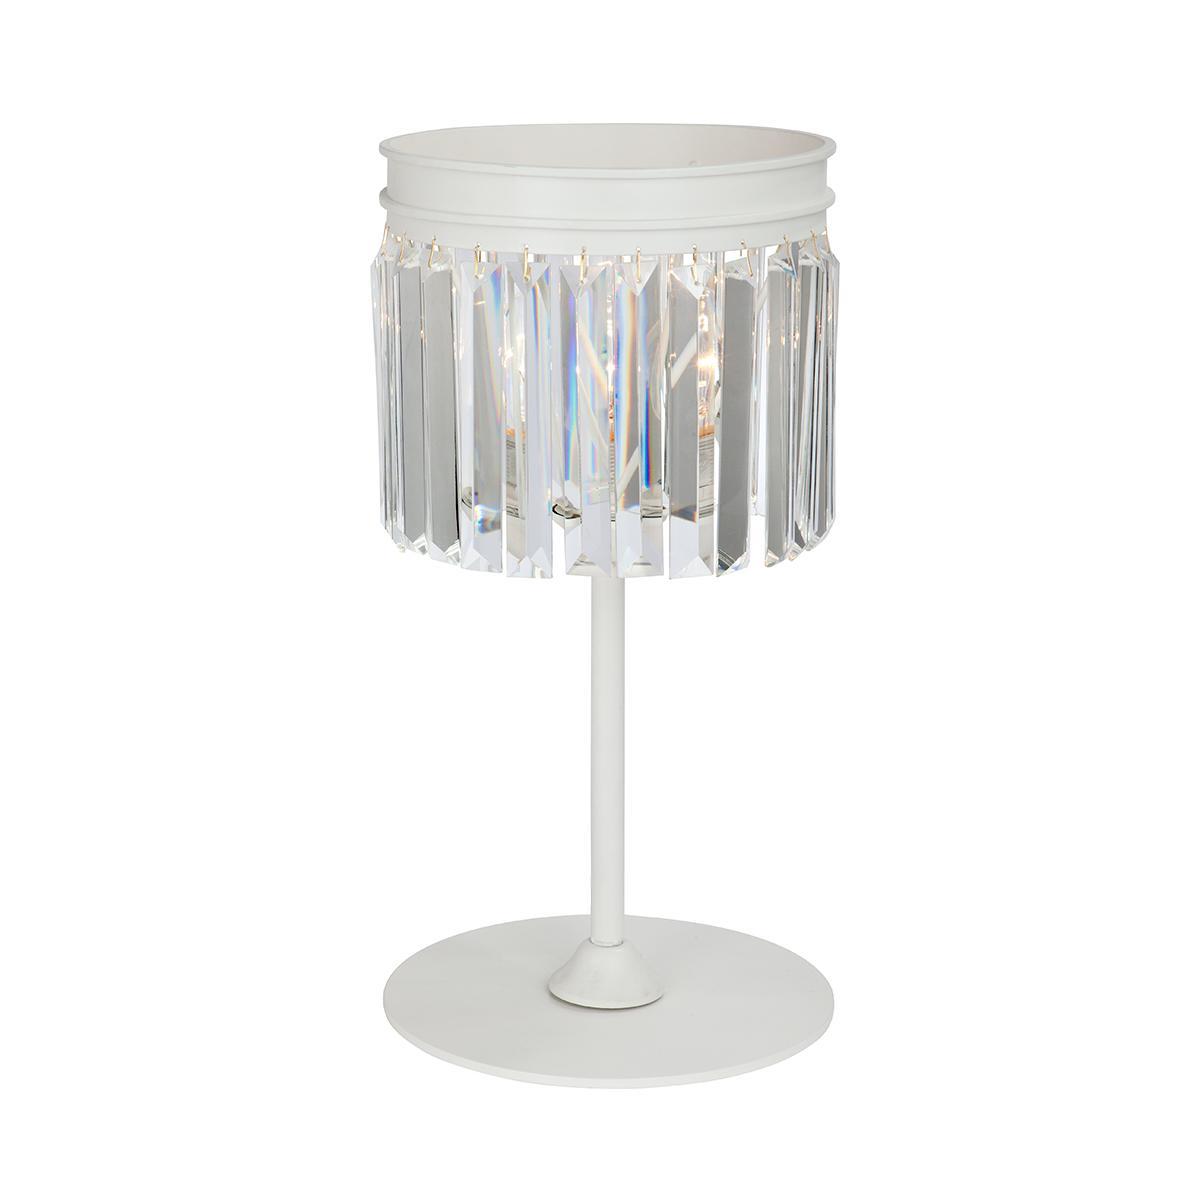 Лампа настольная Vitaluce V5127-0/1l настольная лампа белый абажур для гостиной домашние украшения для гостиной настольные лампы для спальни ночники